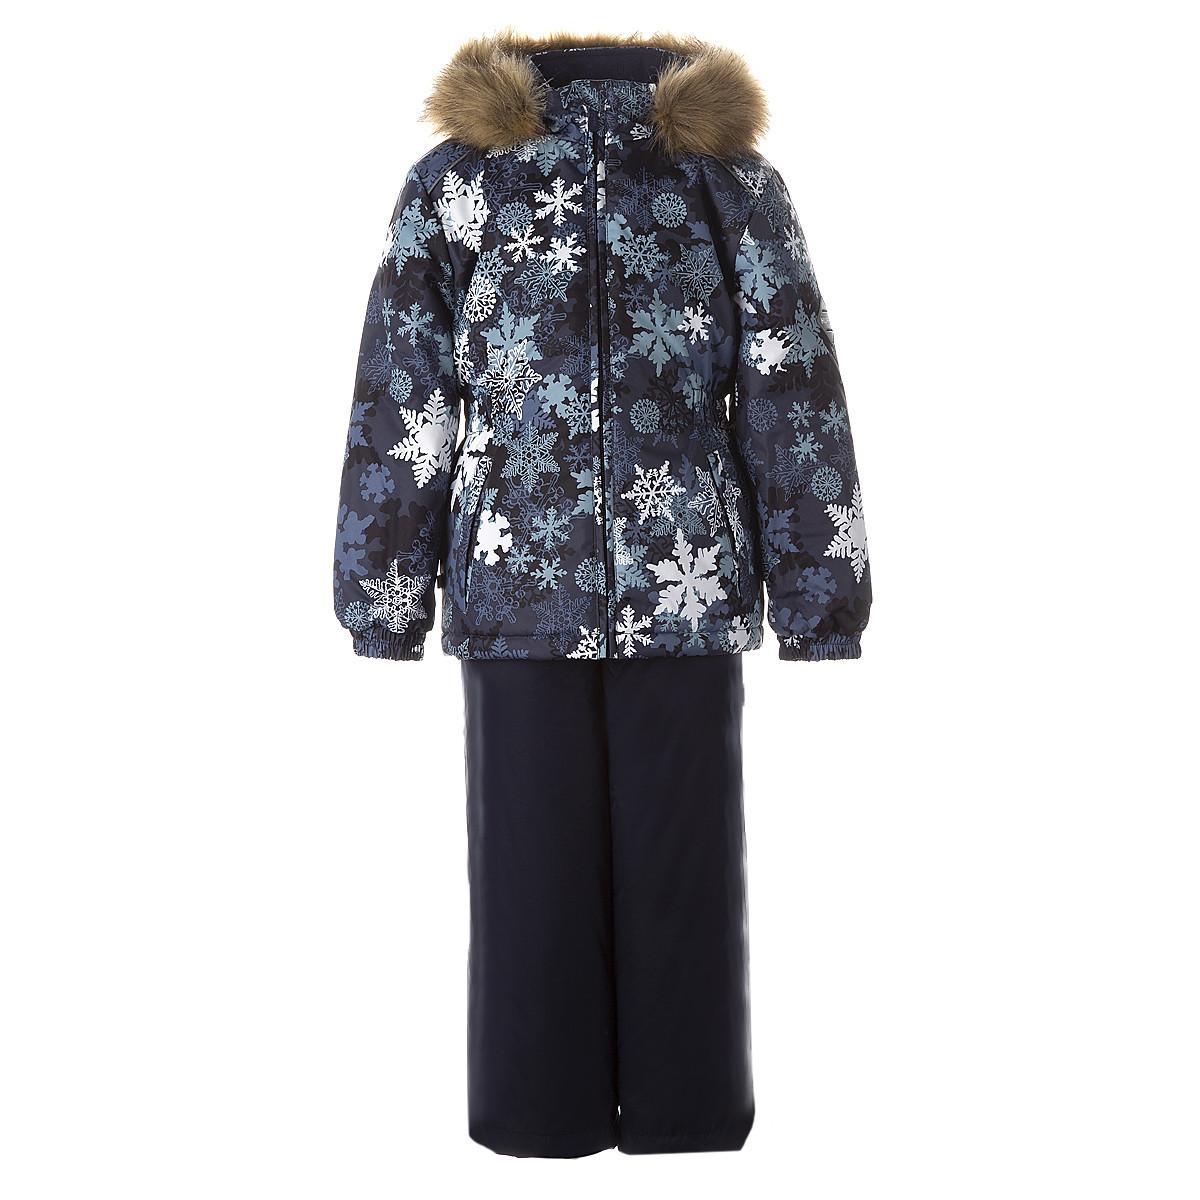 Комплект для девочек Huppa WONDER,  тёмно-синий с принтом/тёмно-синий